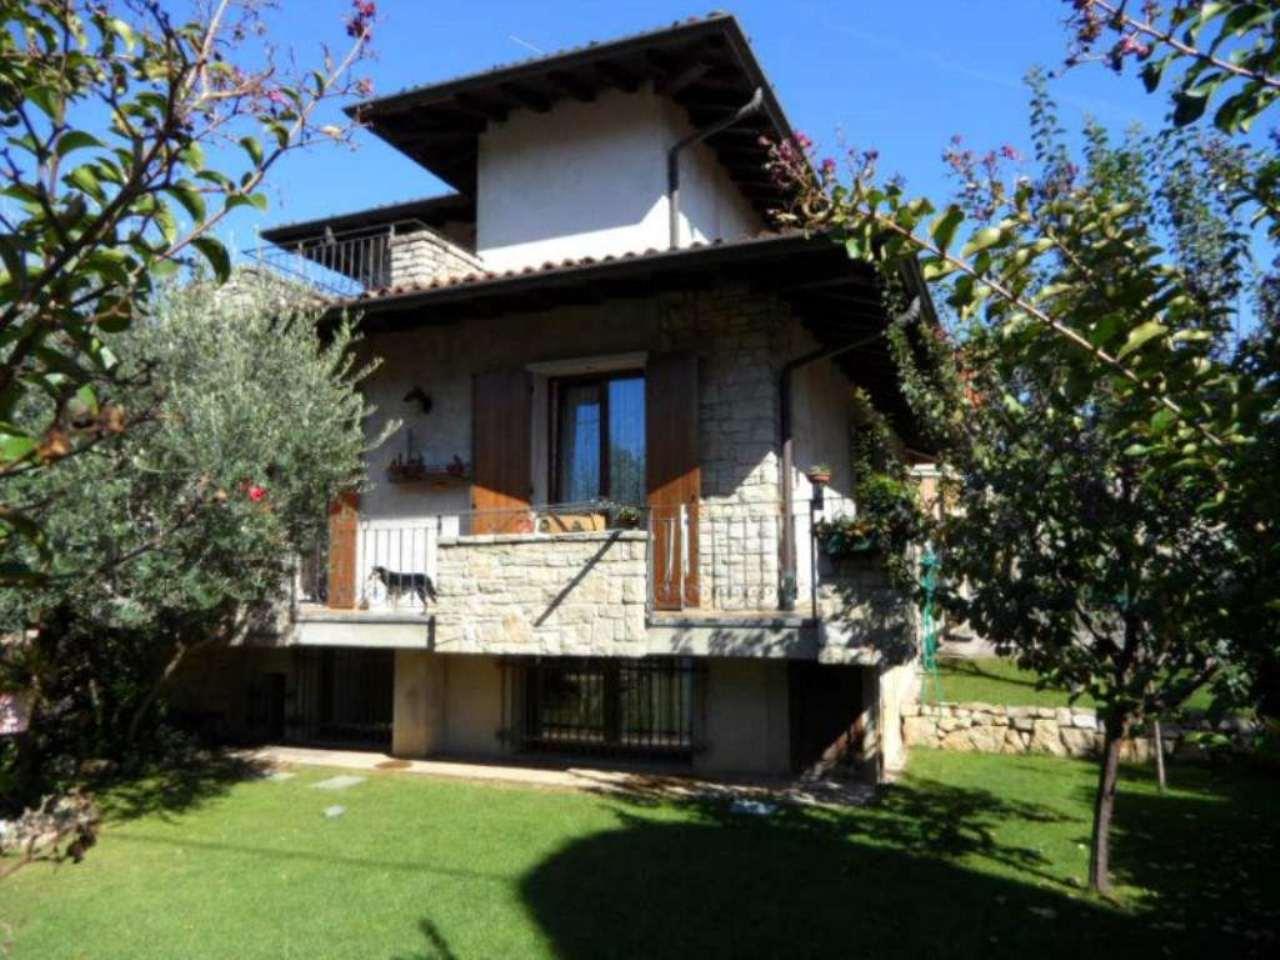 Villa in vendita a Albano Sant'Alessandro, 5 locali, prezzo € 389.000 | CambioCasa.it